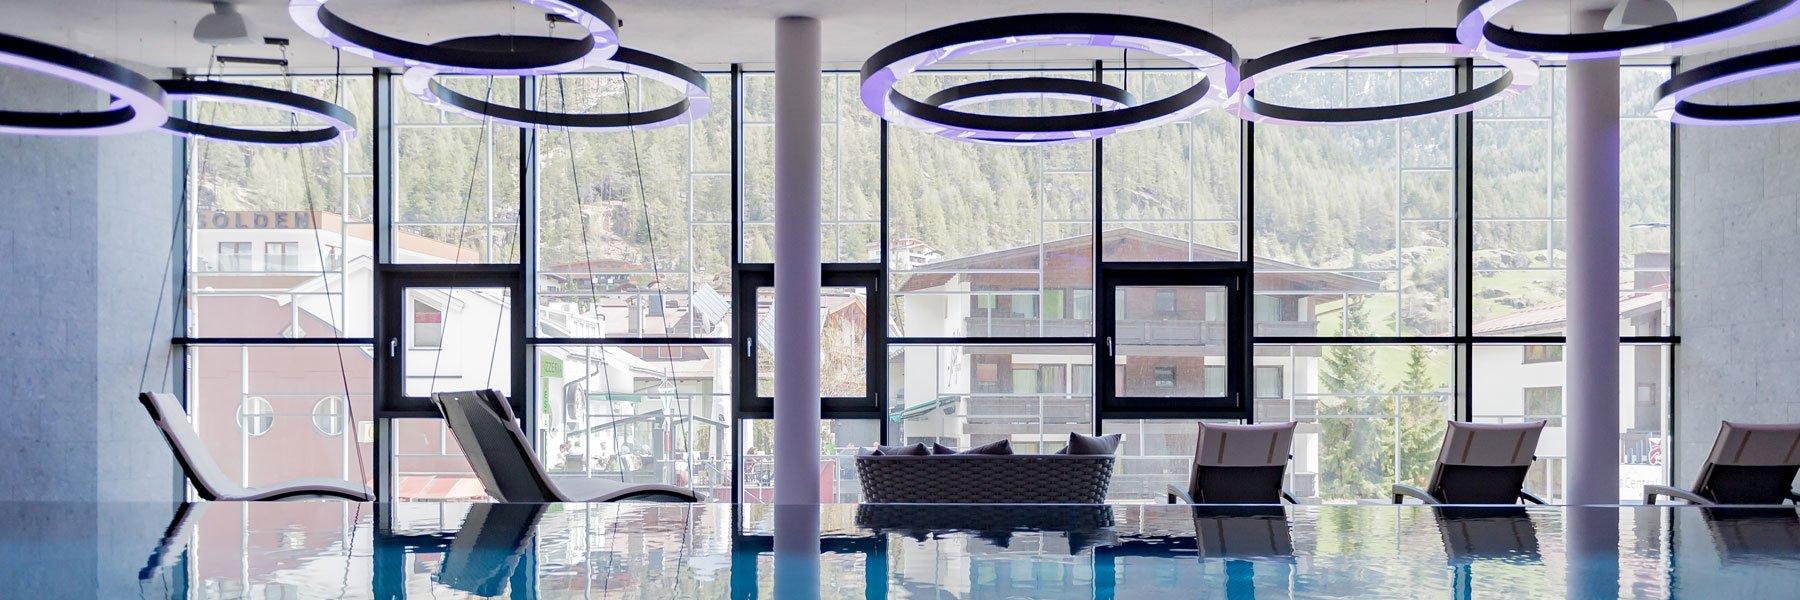 Wellnessbereich im TYROL Hotel